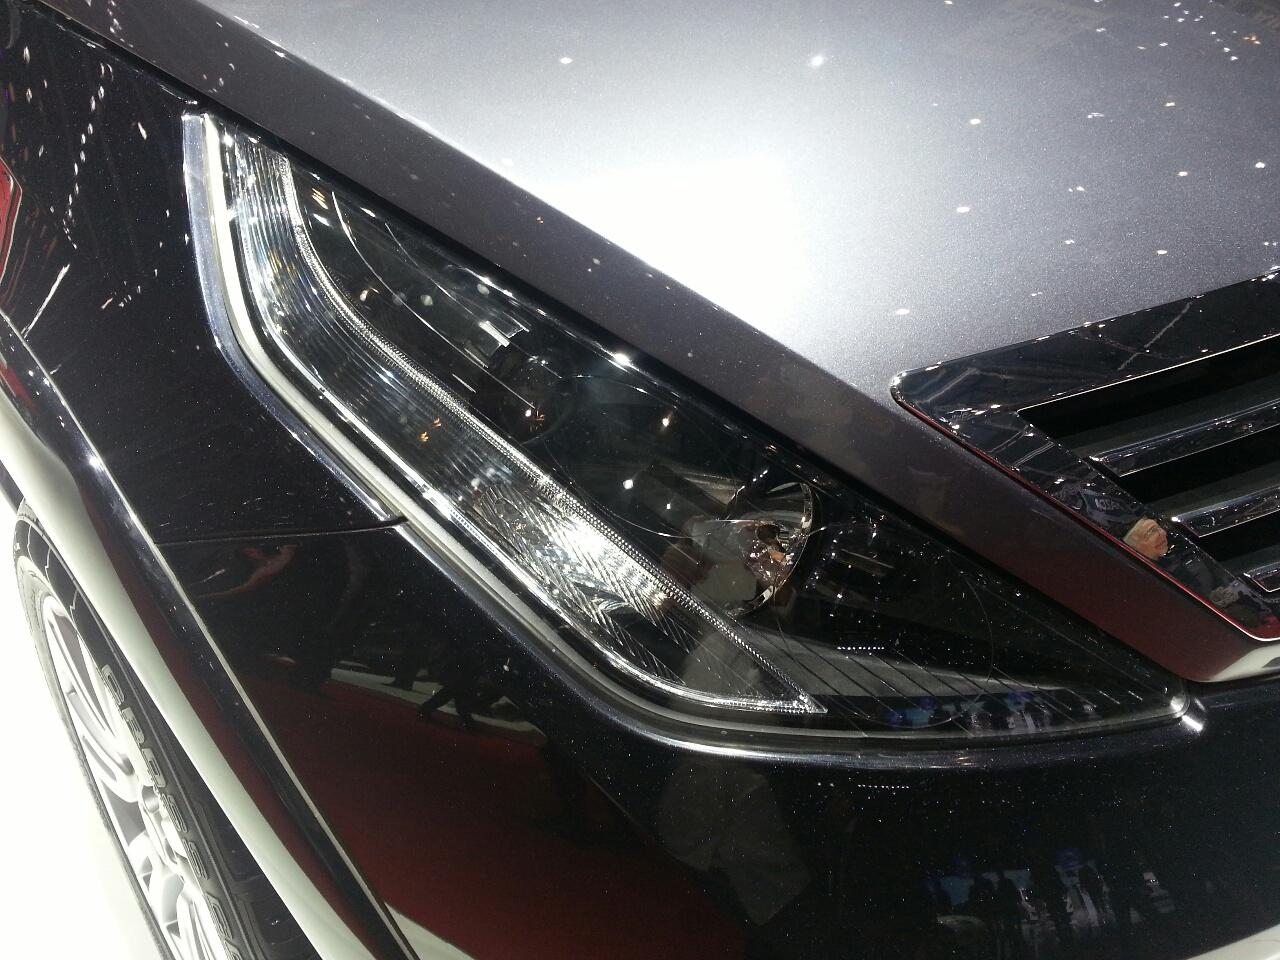 Tata-Aria-facelift-4